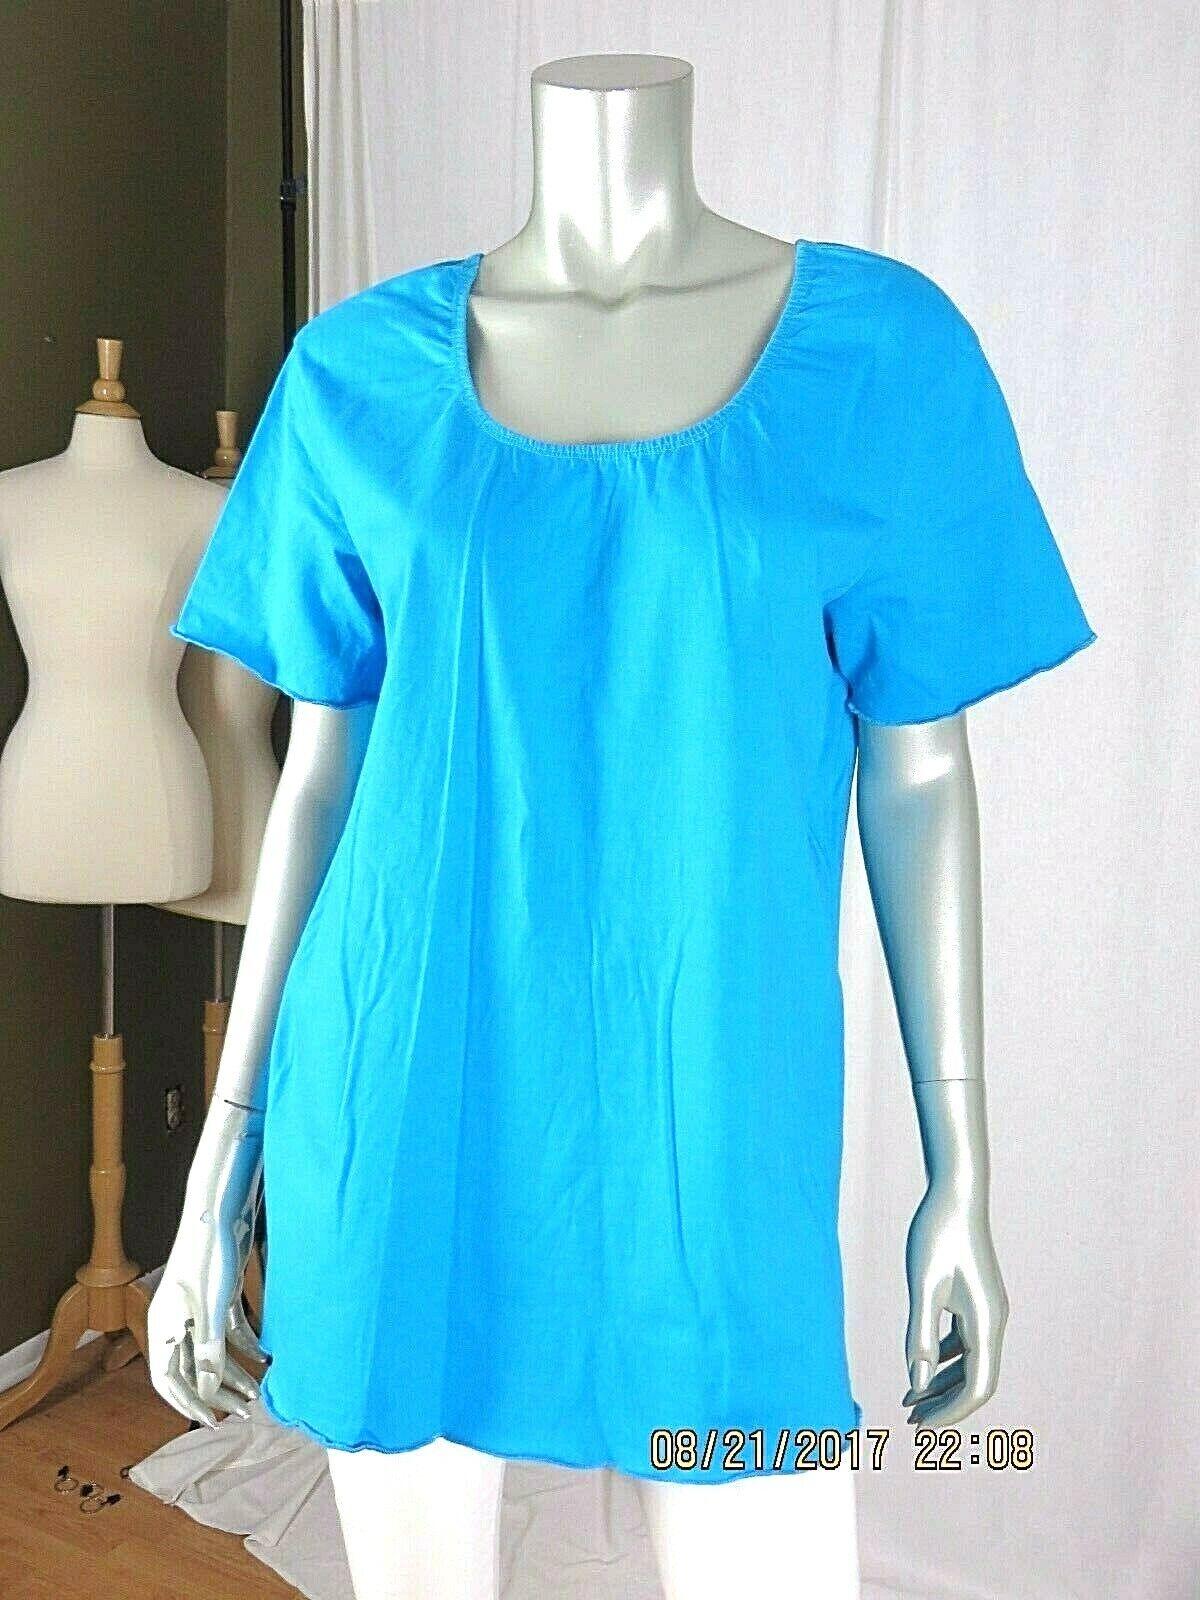 VENEZIA VITALE SZ L 100% Cotton Turquoise Blue Ru… - image 2